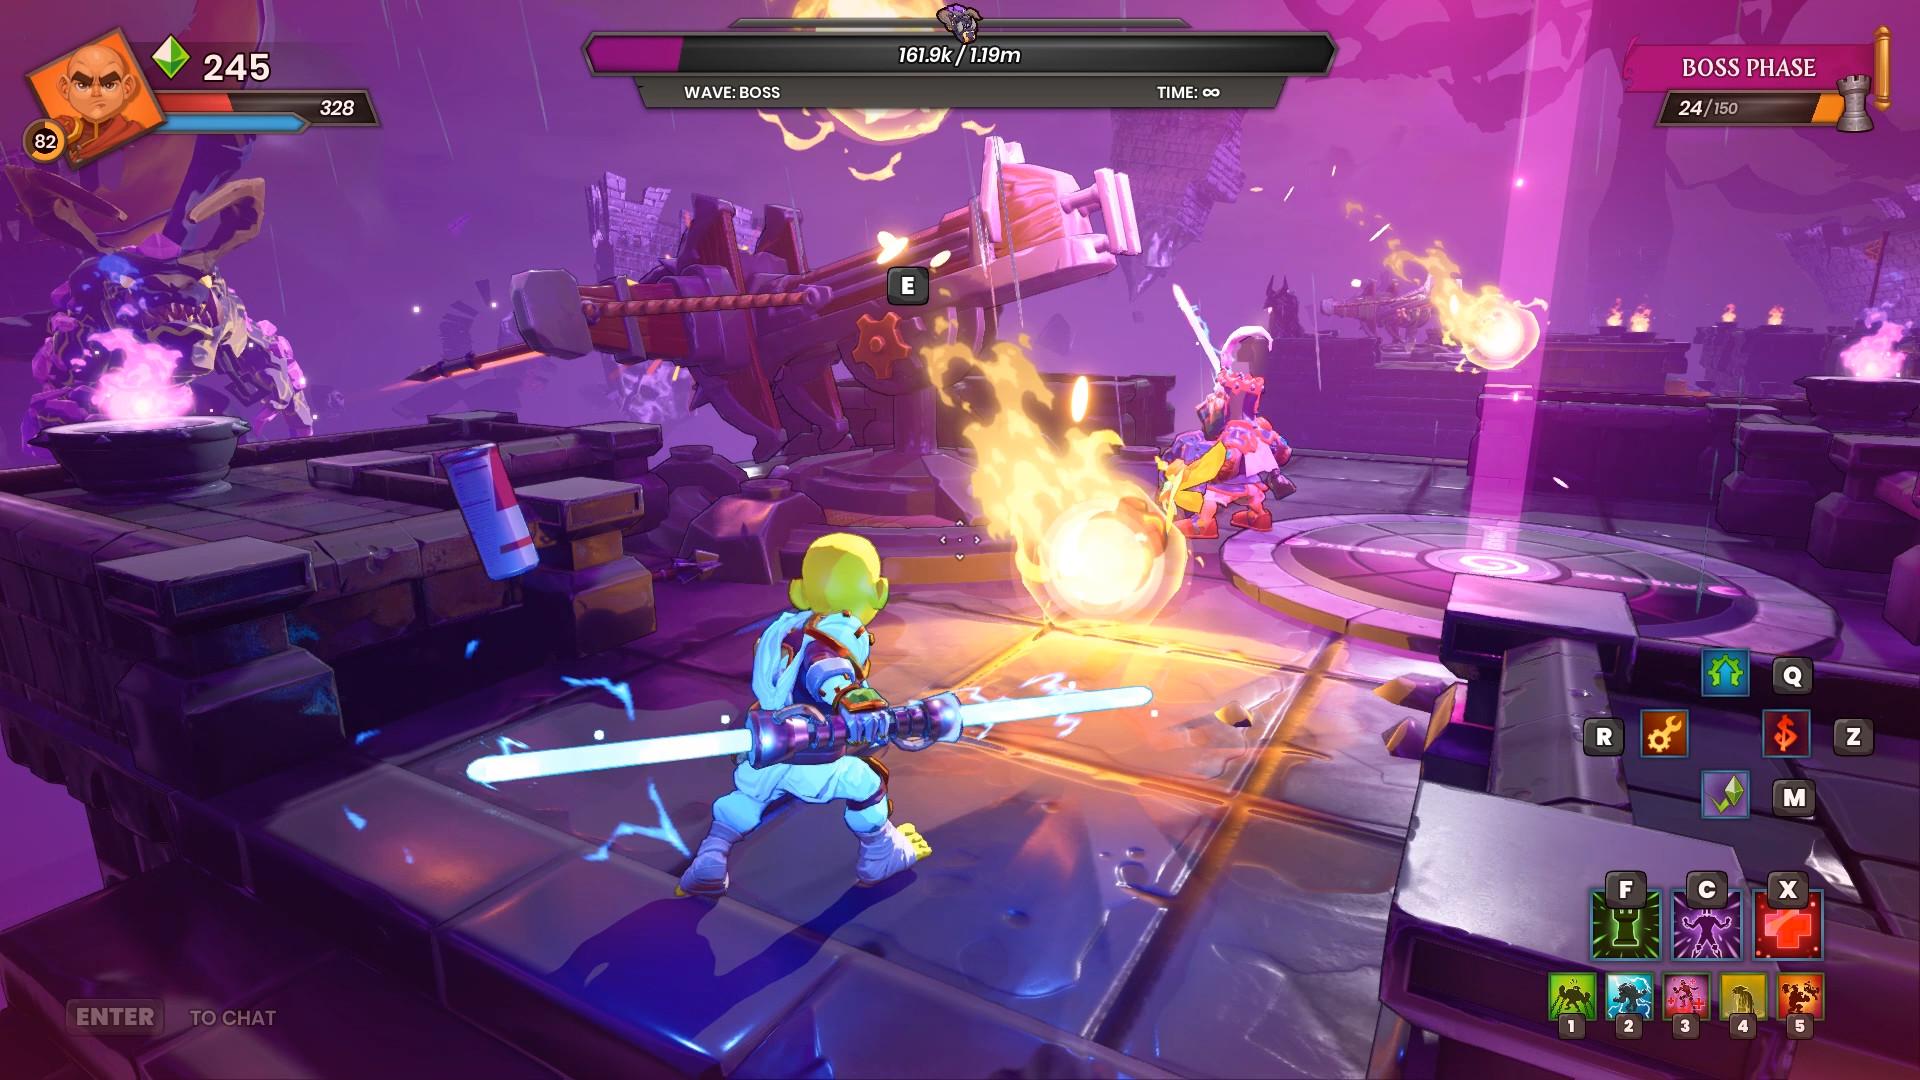 dungeon-defenders-awakened-pc-screenshot-02